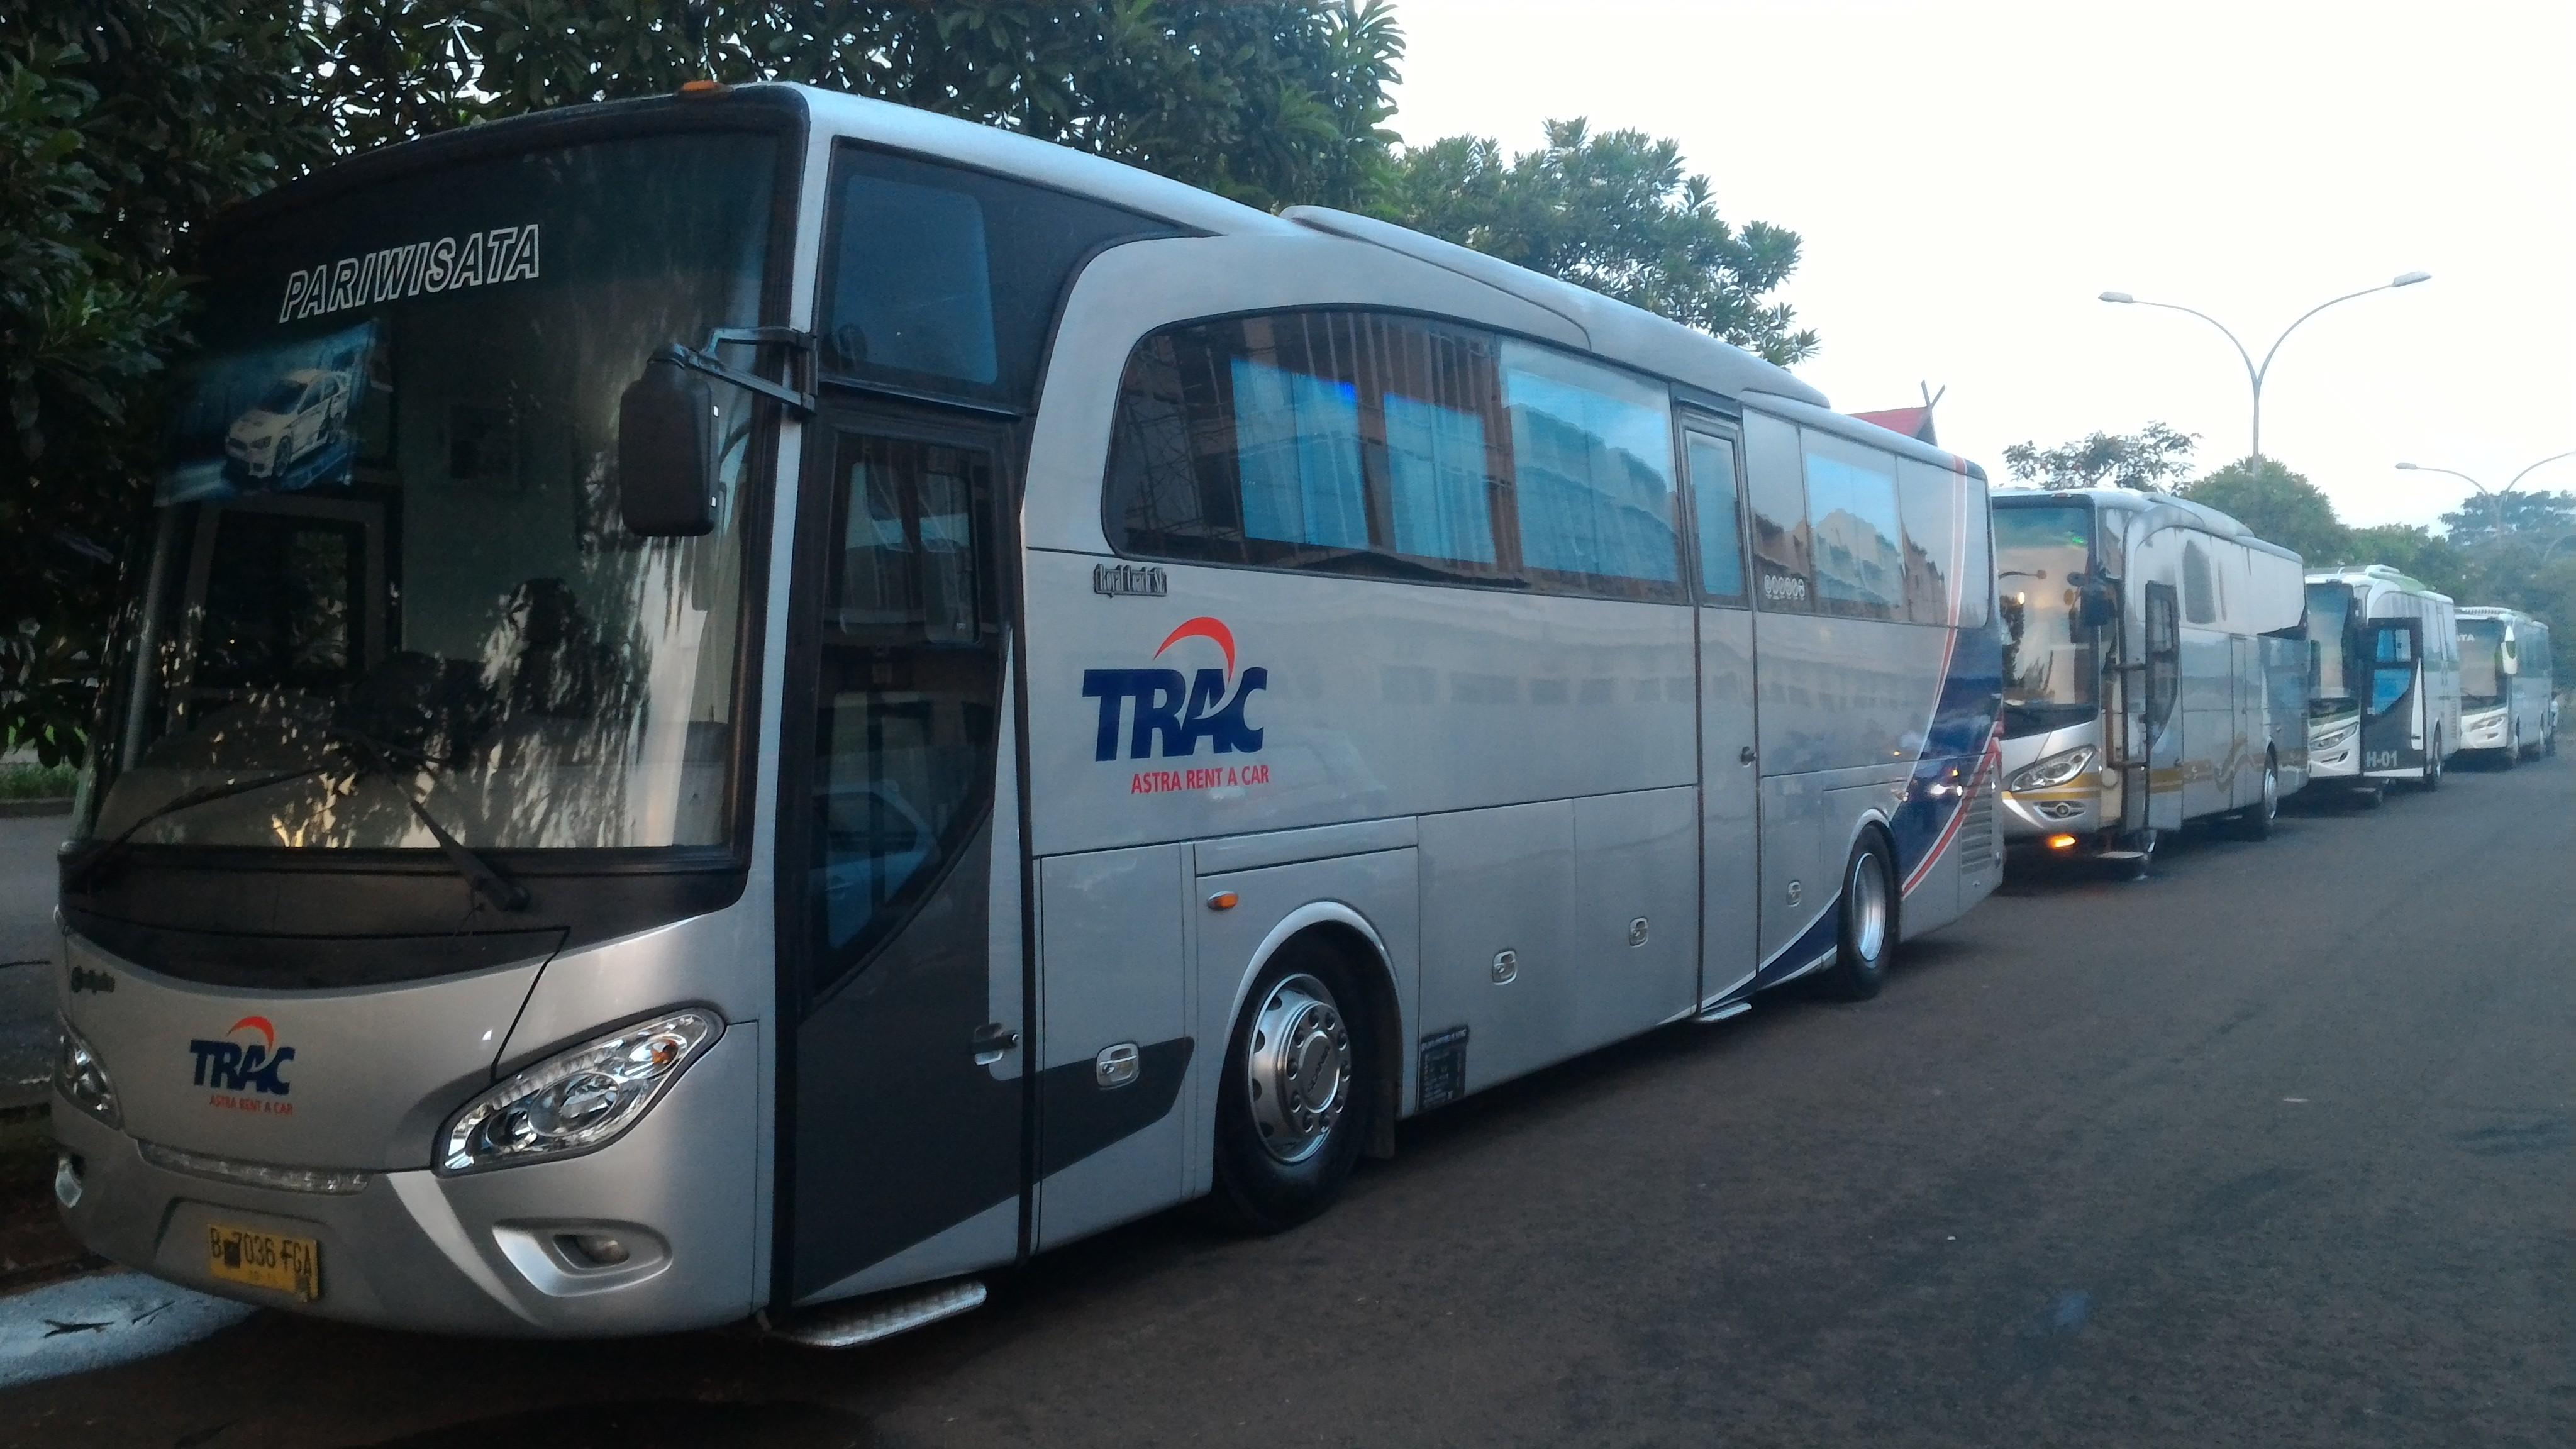 Premium Bus dari Trac - Ini 5 Bus Angkutan Umum Termewah di Indonesia